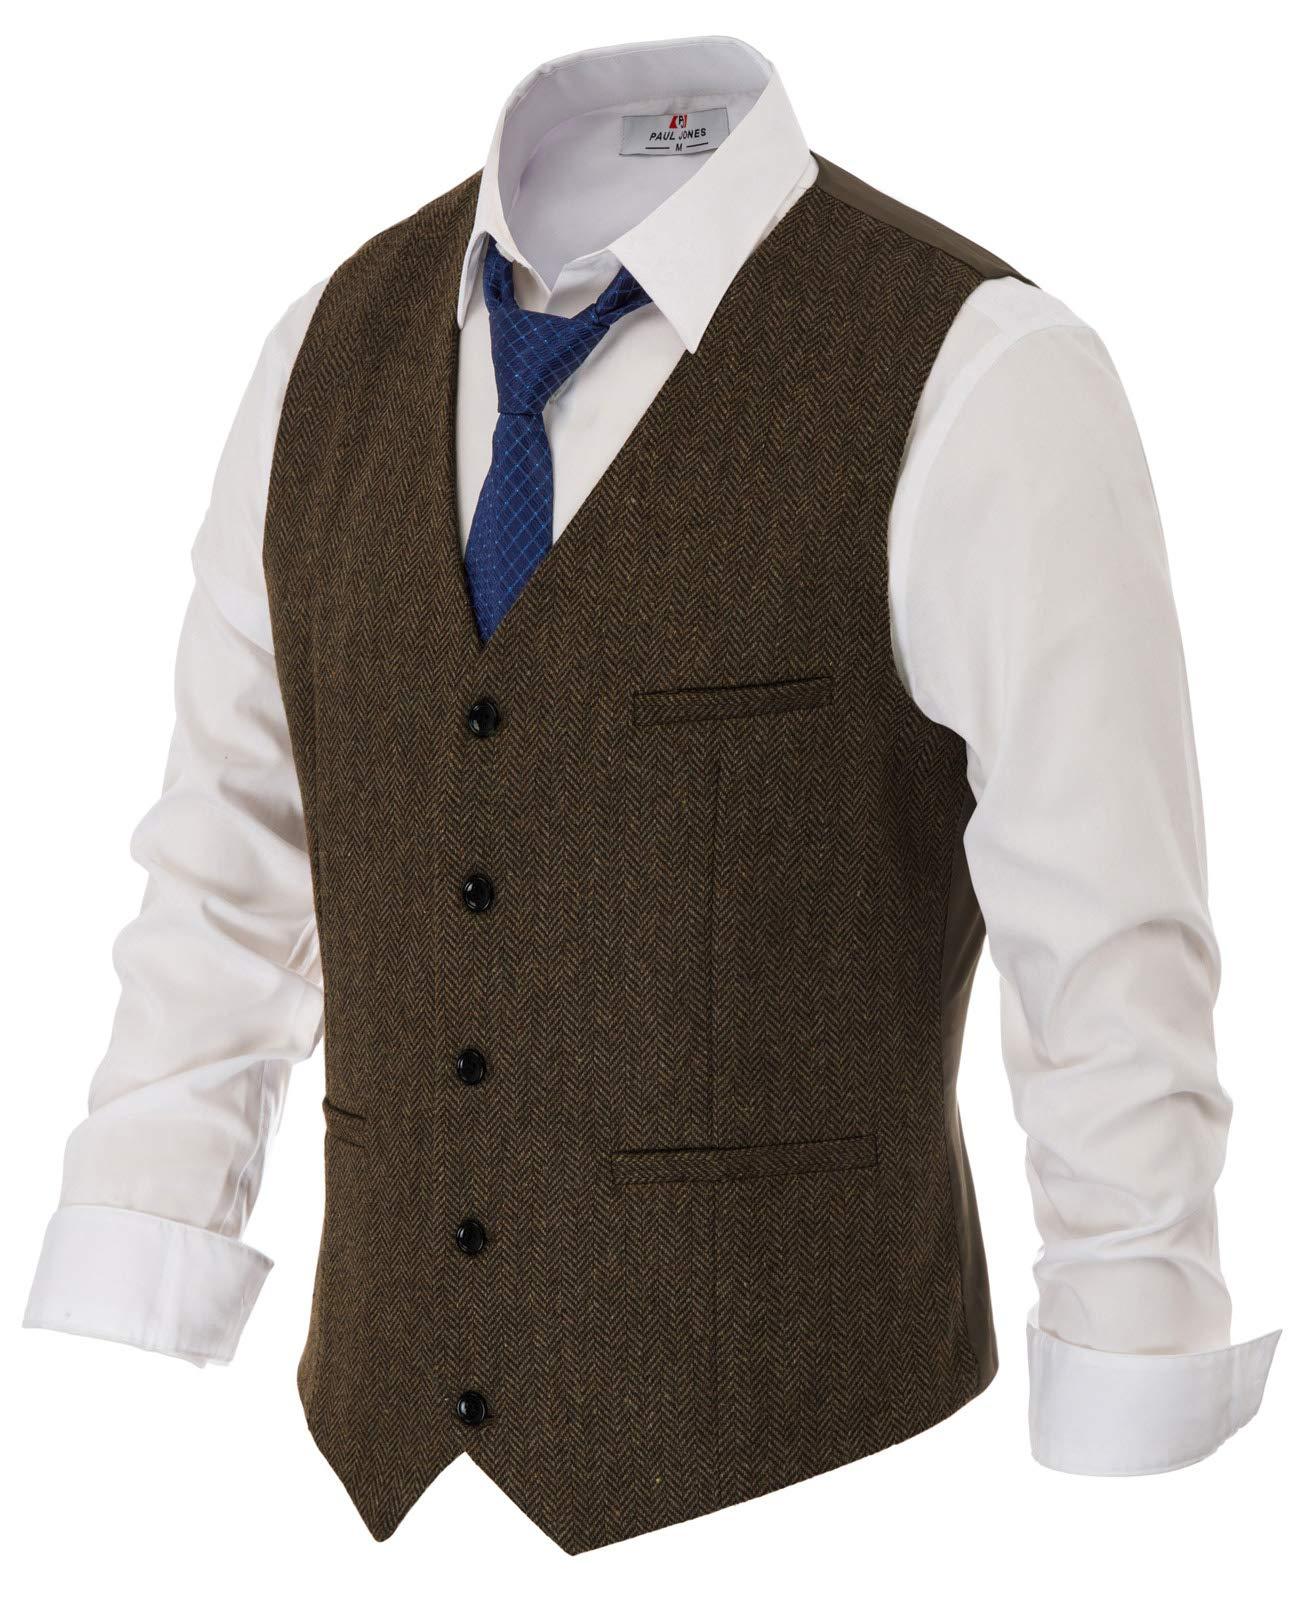 Retro Wool Tweed Suit Vest Mens Slim fit Vintage Waistcoat (XL,Dark Brown) by PJ PAUL JONES